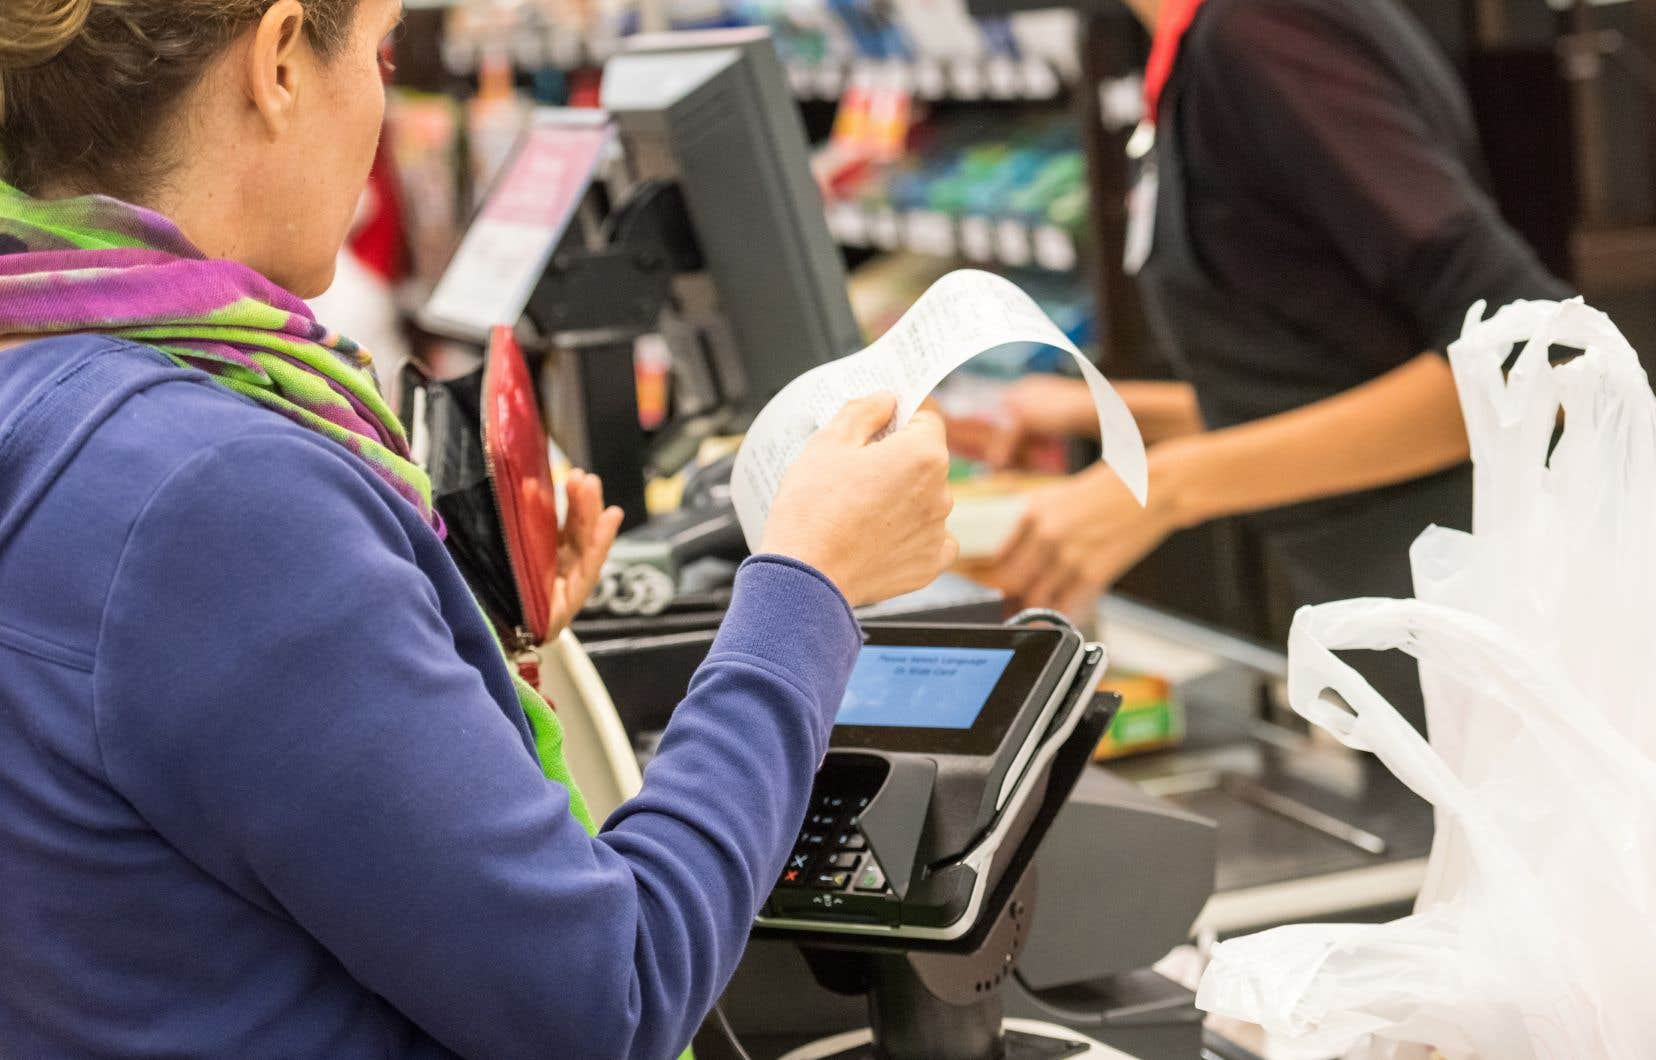 Moins de consommation veut dire moins de production et moins d'emplois.